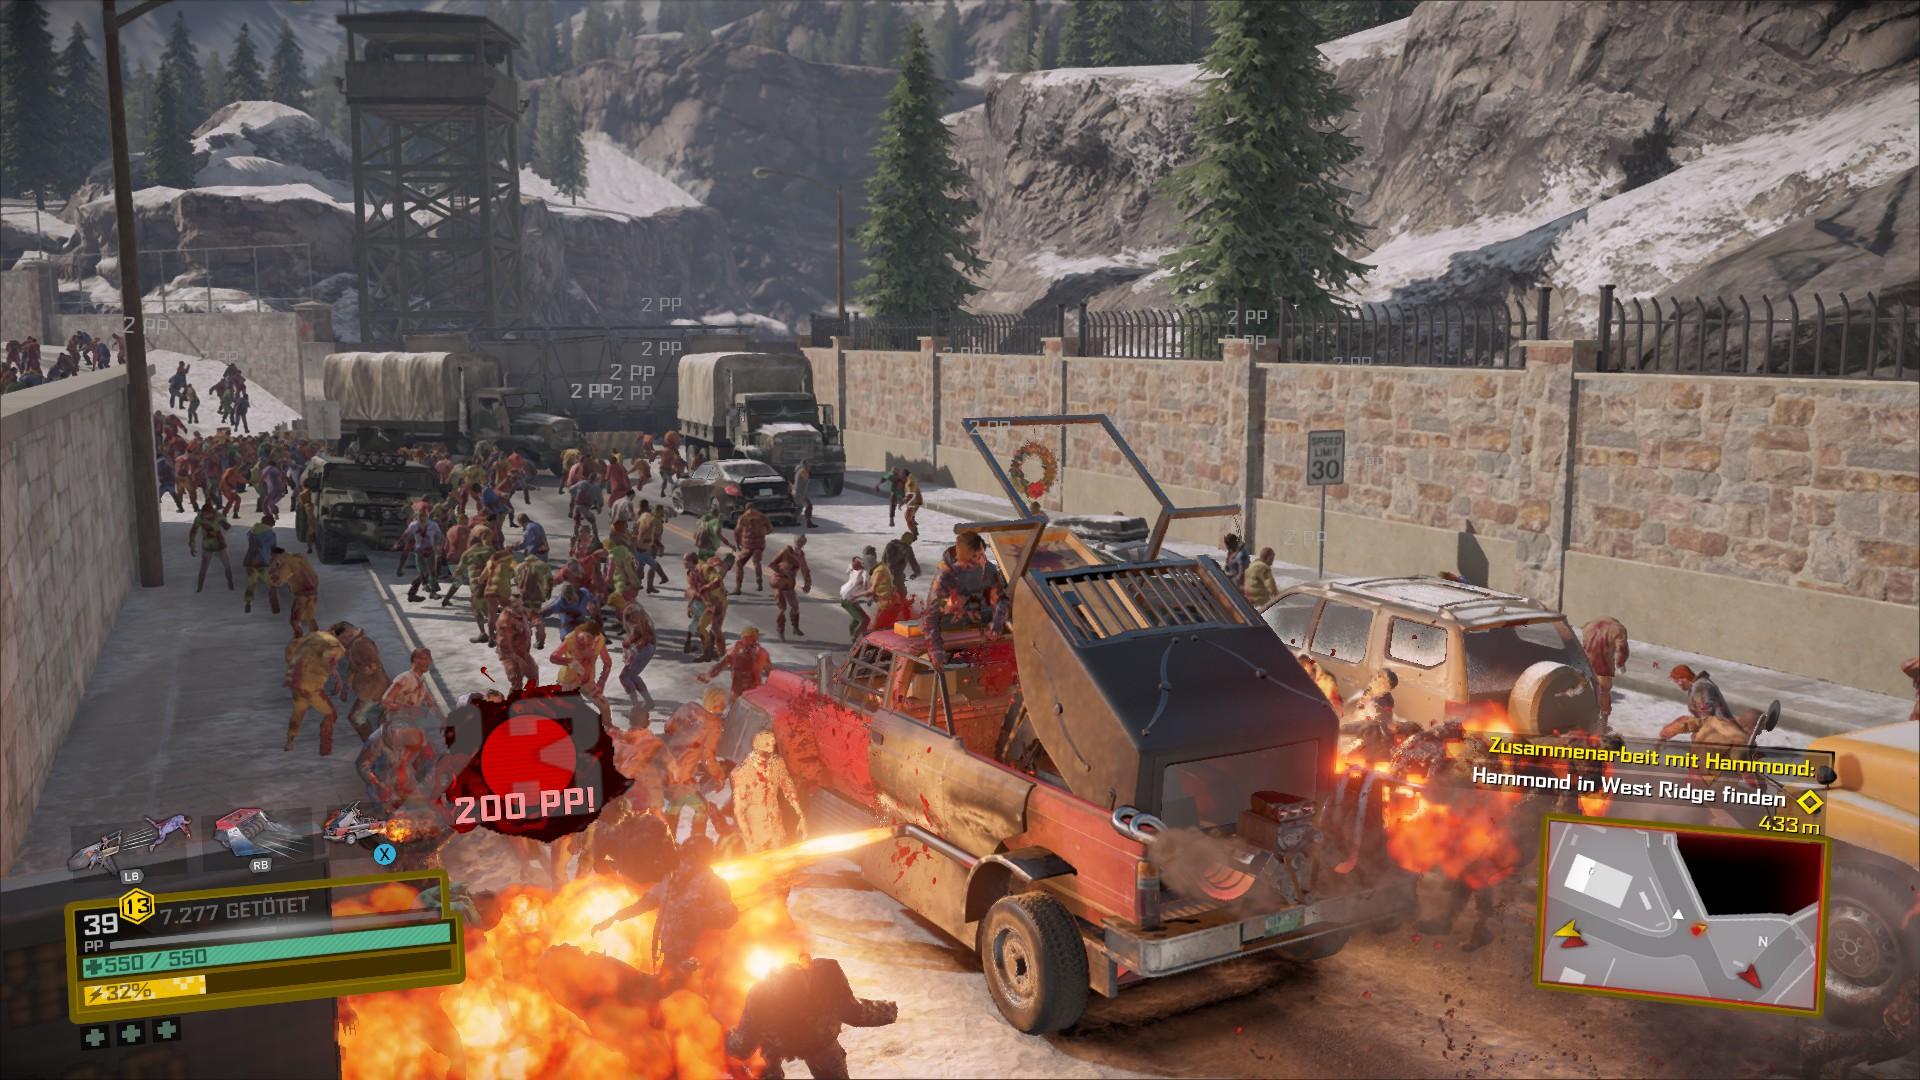 Mit eingebautem Flammenwerfer an unserem Fahrzeug heizen wir den Zombies ordentlich ein.